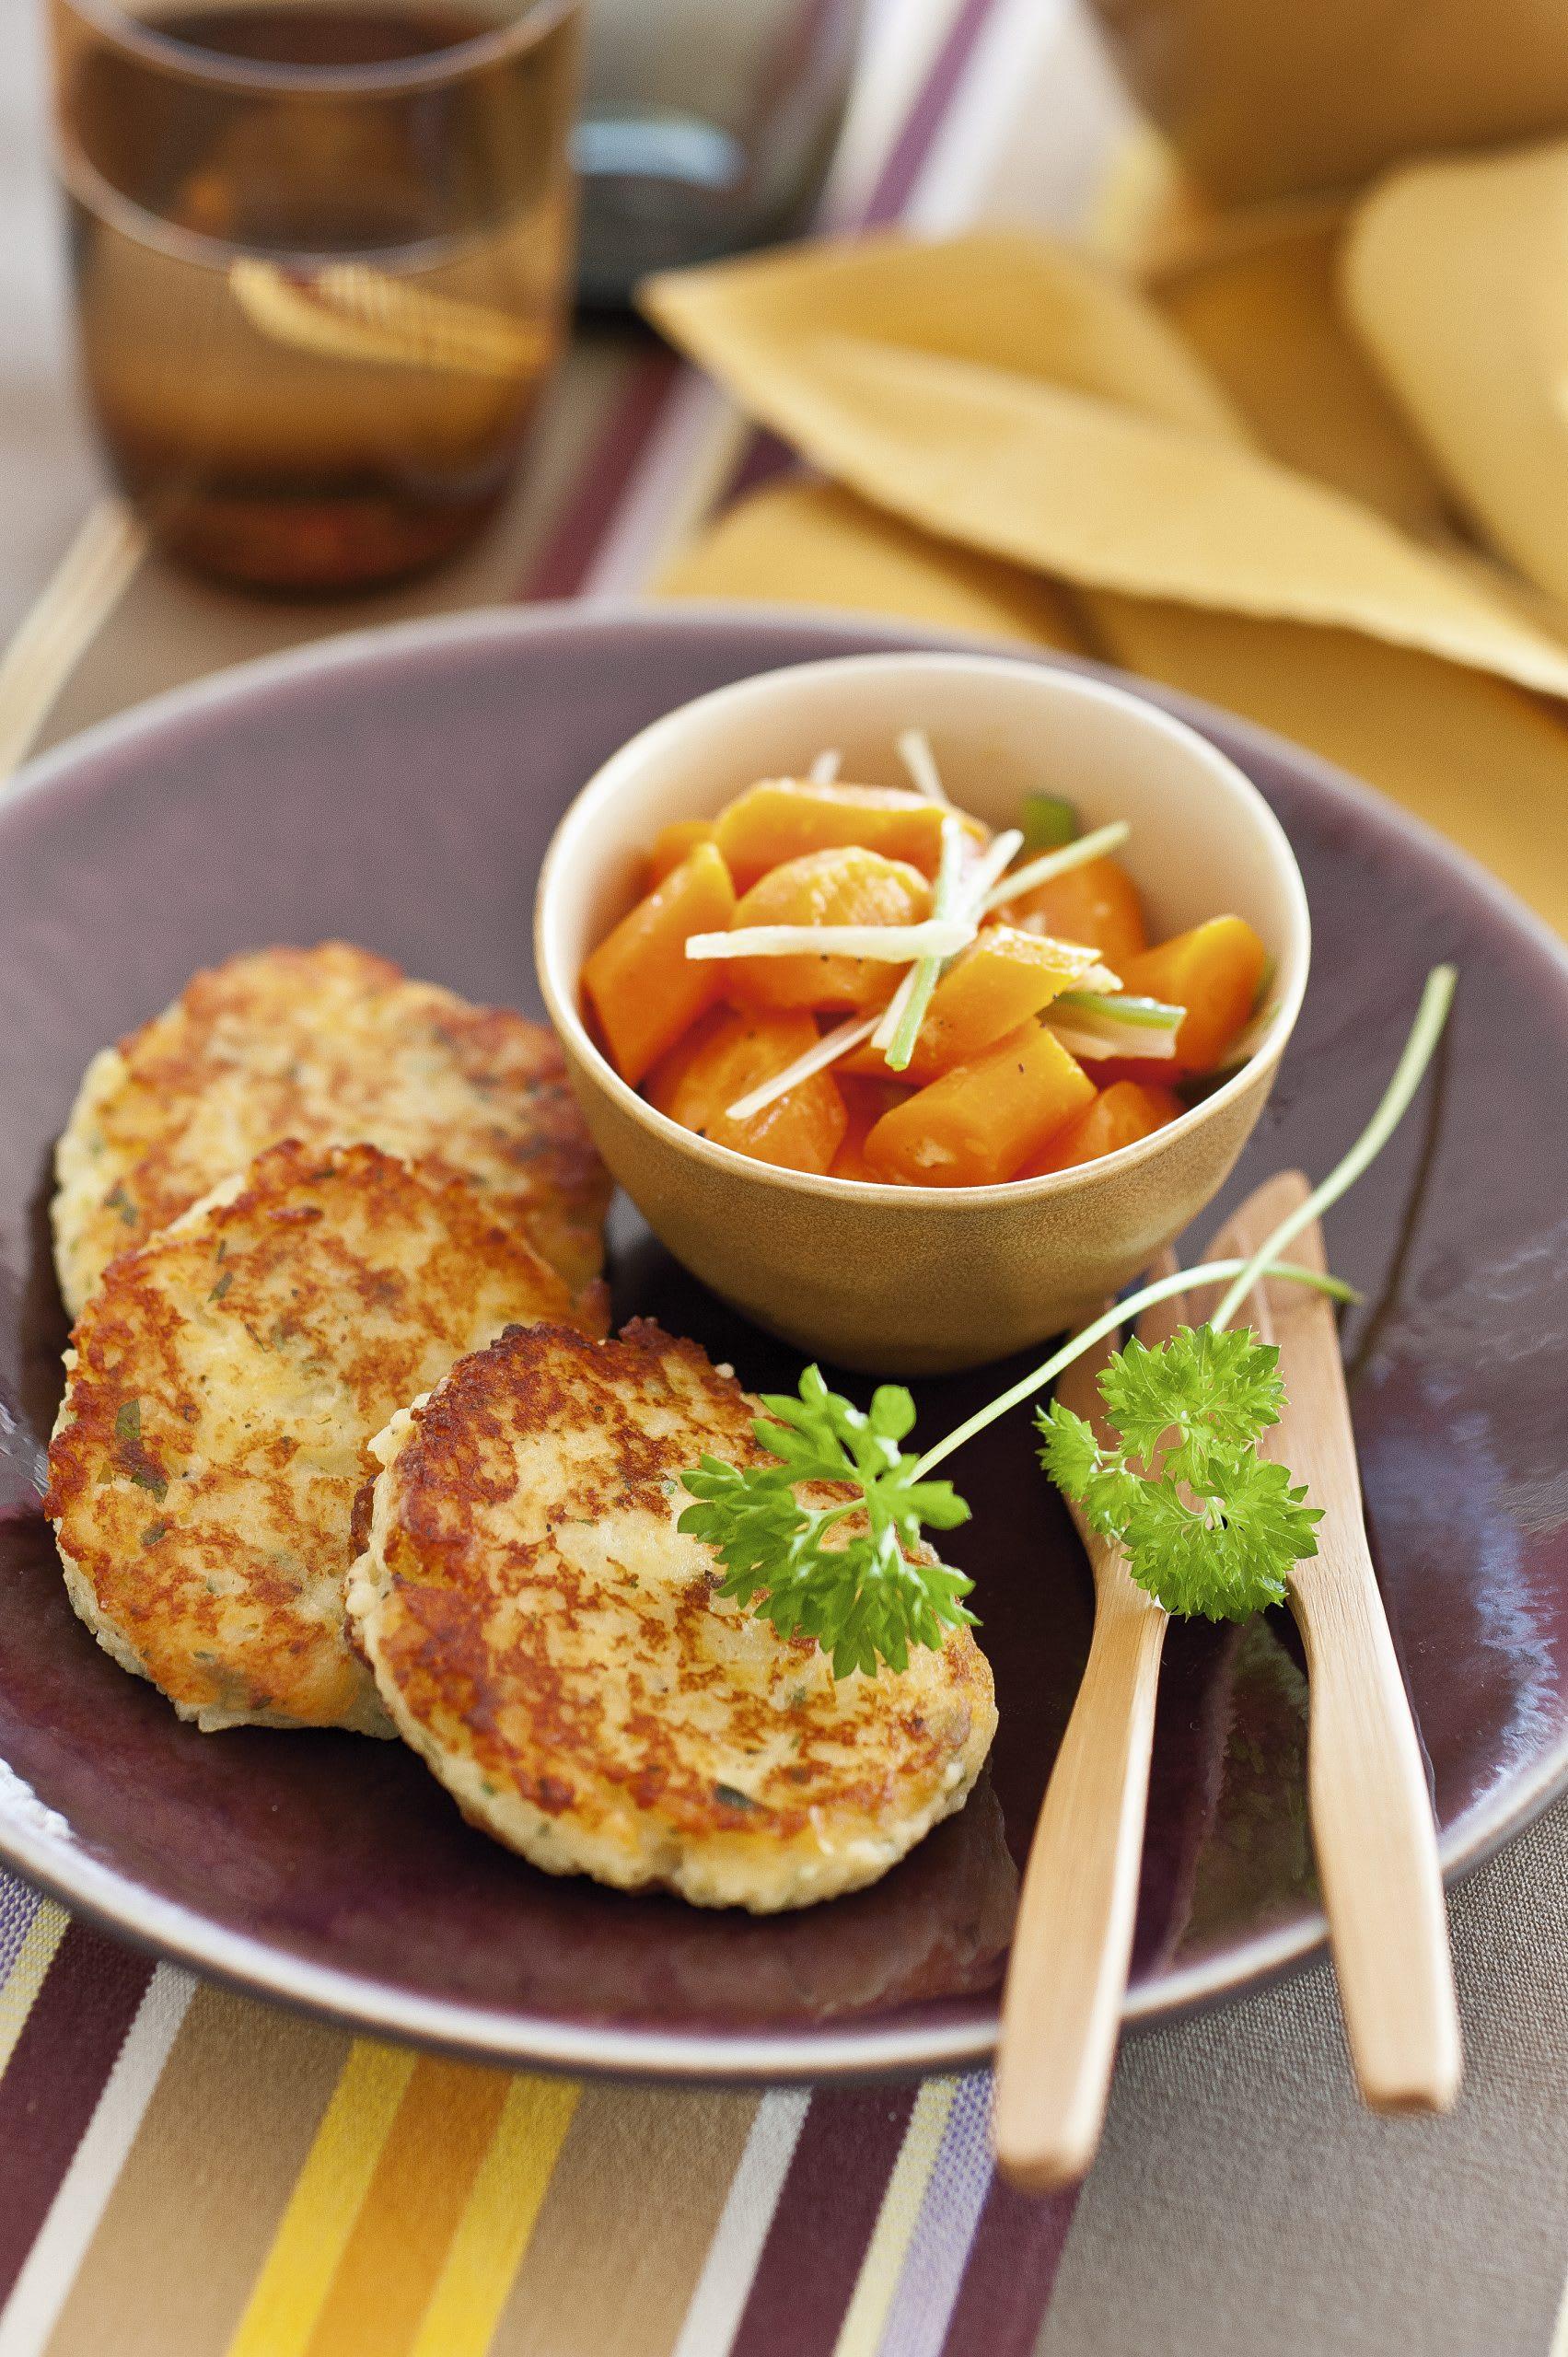 Croquettes de pommes de terre et salade de carottes tièdes